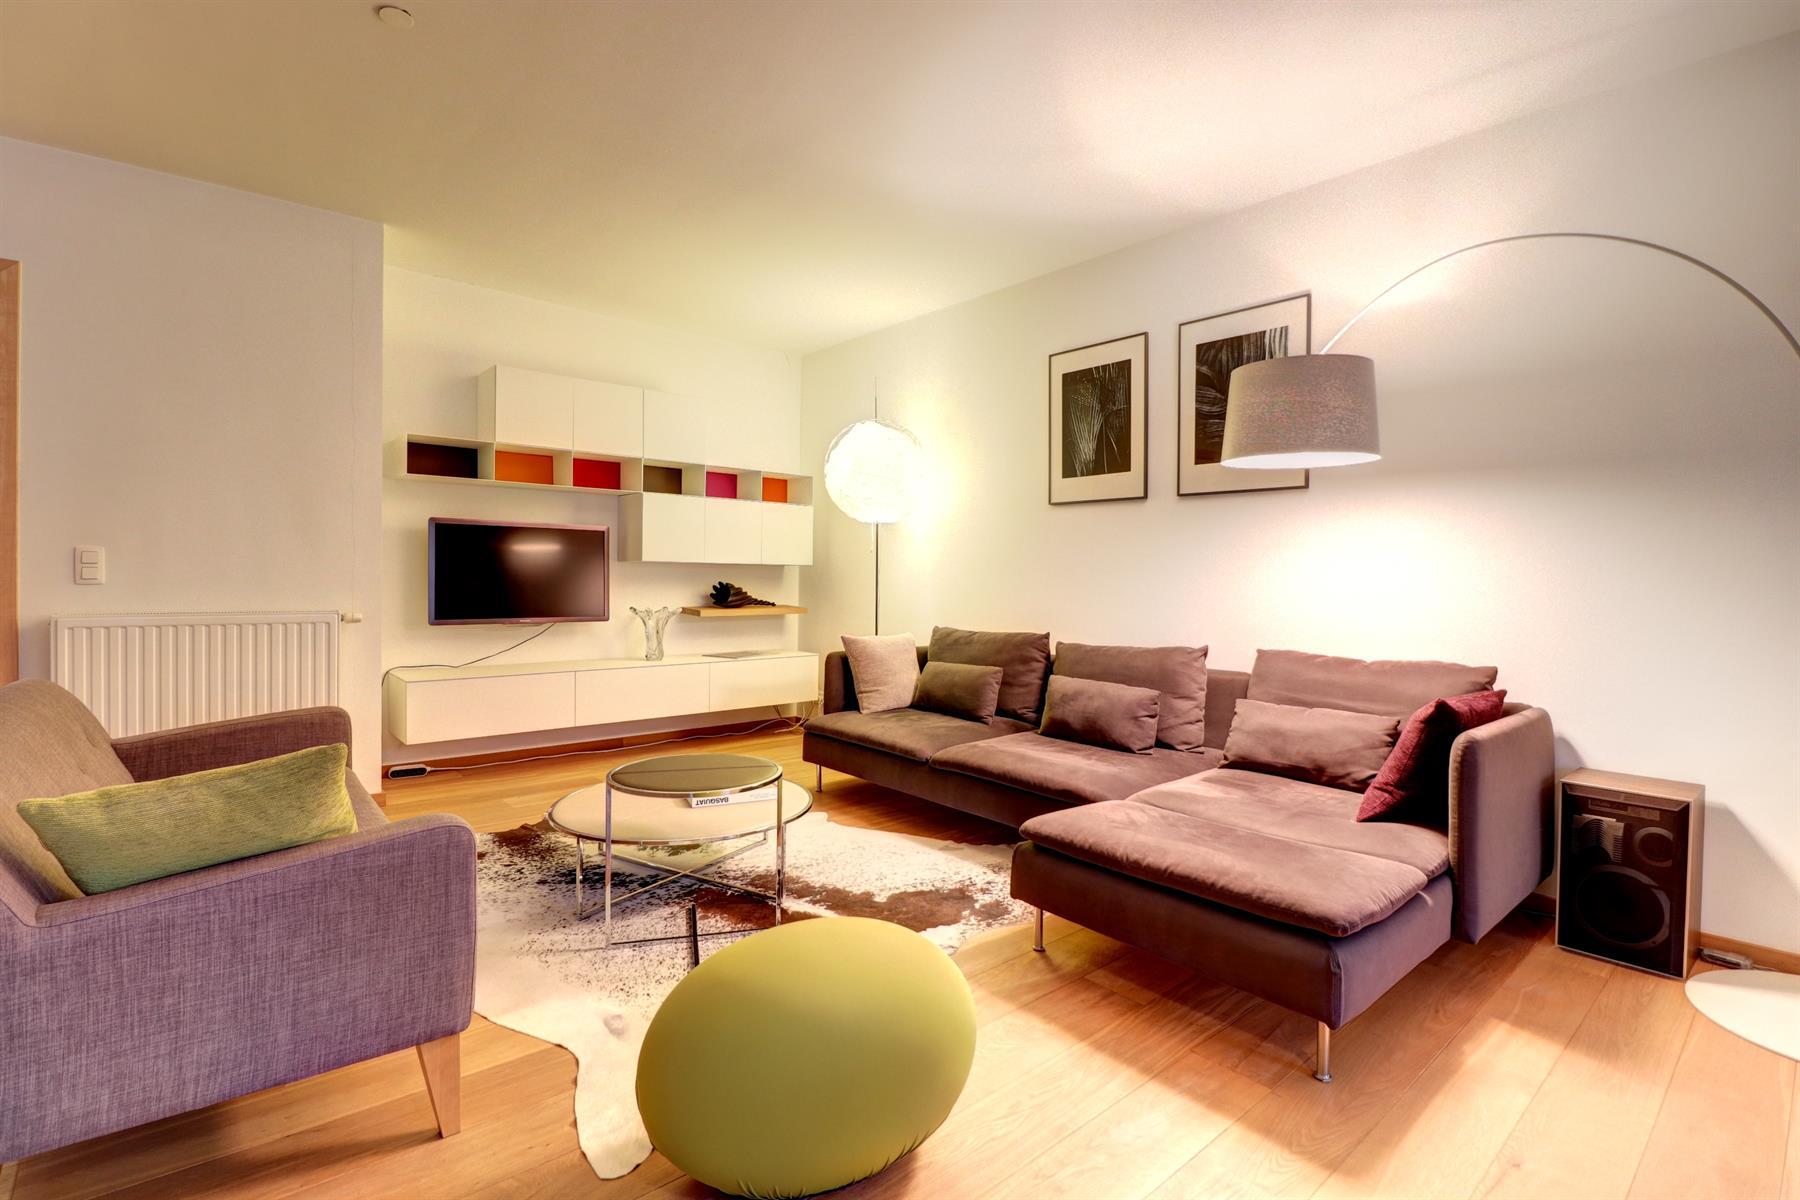 Flat - Ixelles - #4225896-19